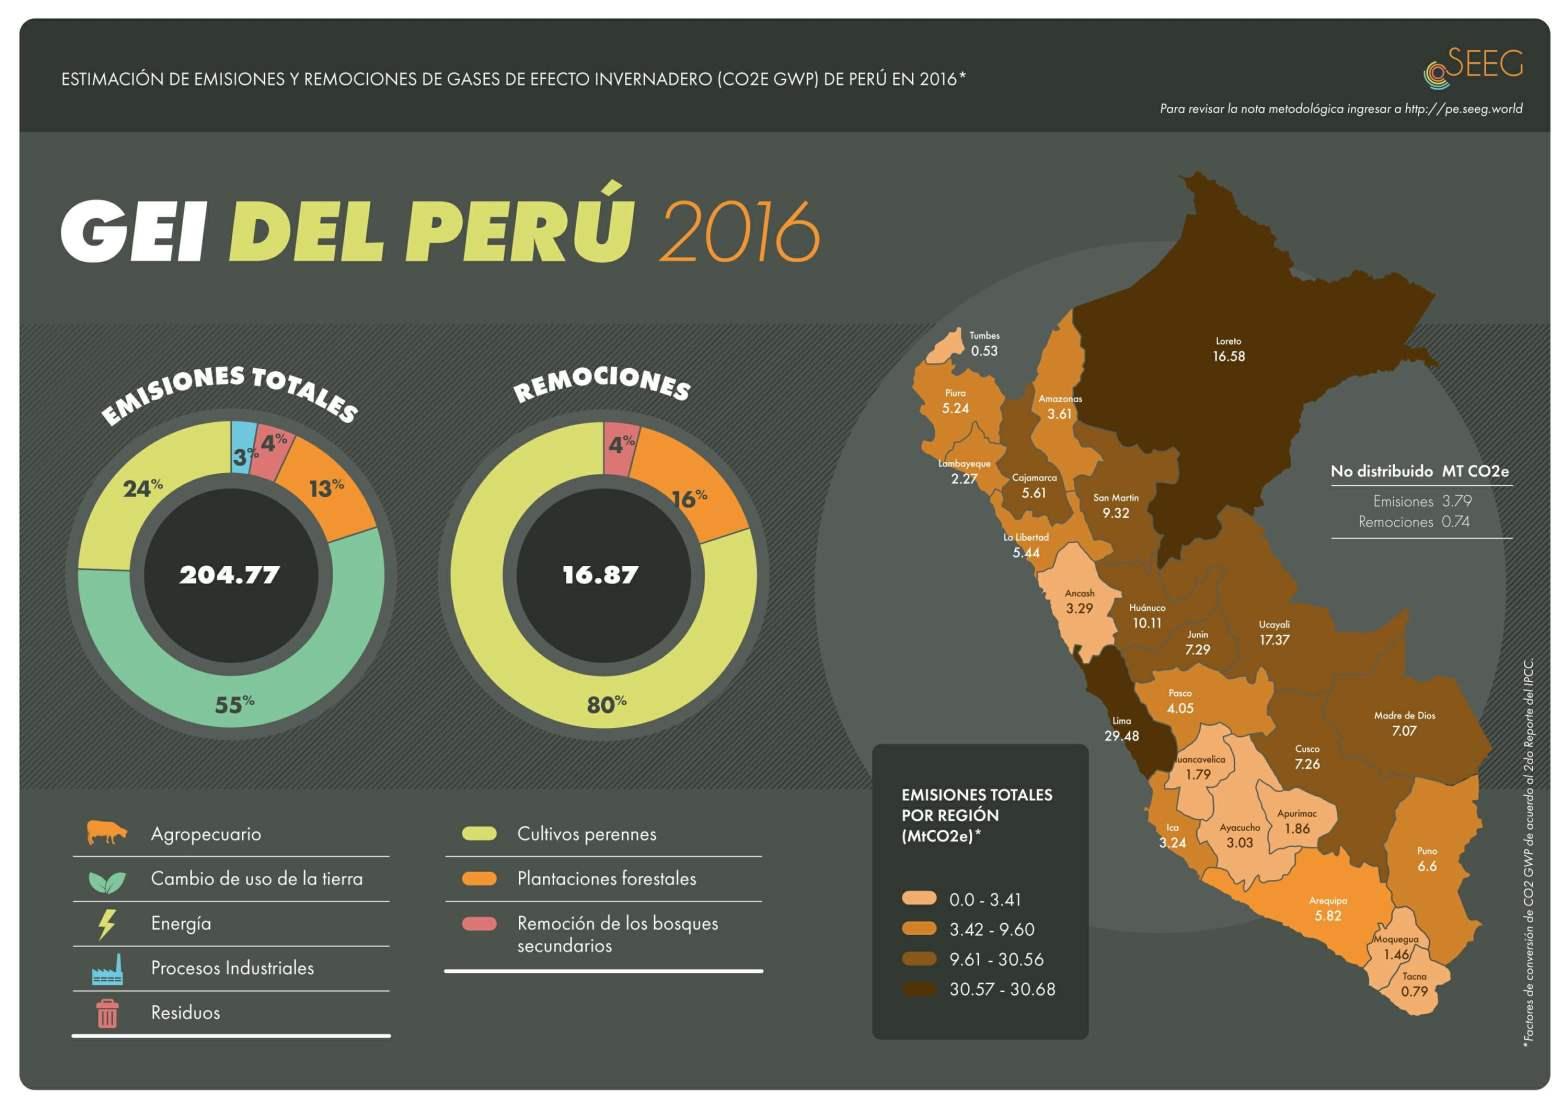 Mayor cantidad de gases de efecto invernadero emiten Lima y Loreto